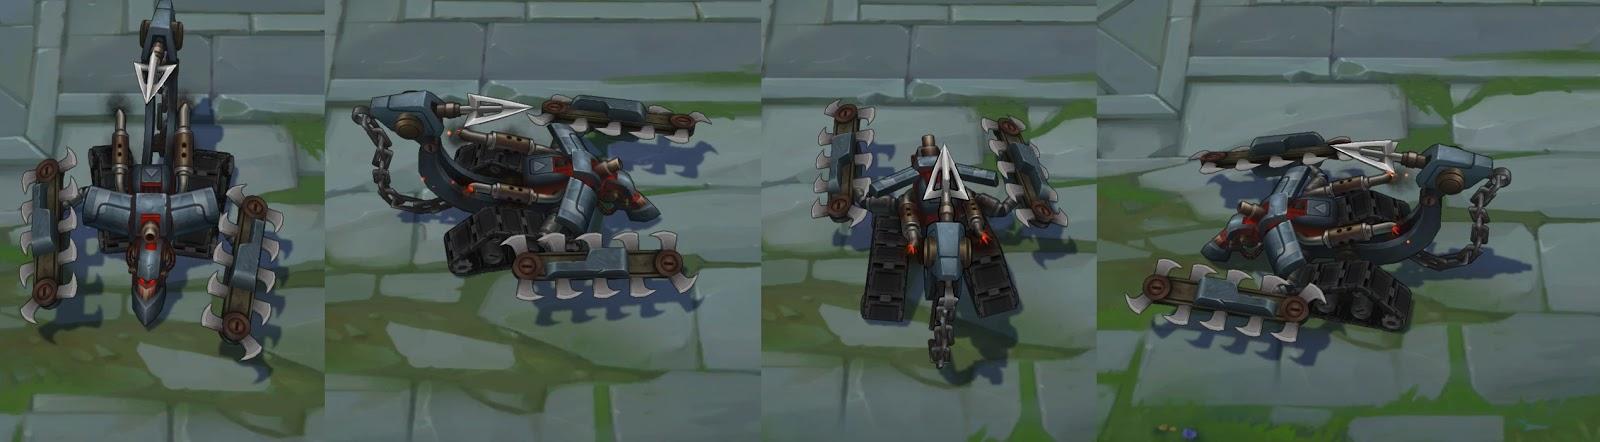 battlecast-skarner